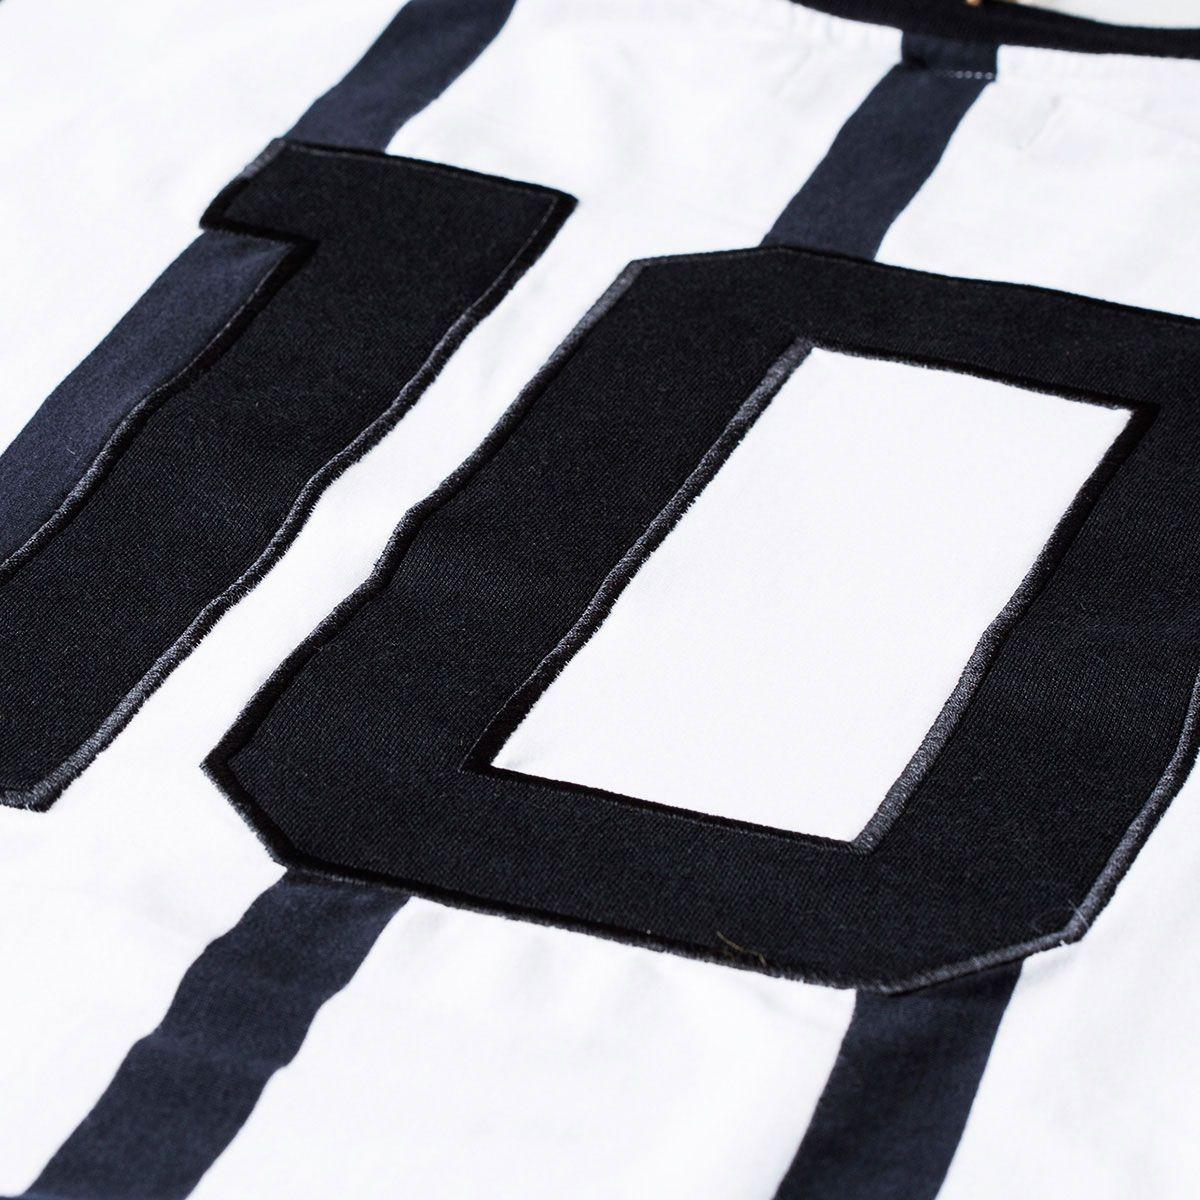 camisa retrô gol rivelino réplica ex - corinthians. Carregando zoom. 19ab5581efec6